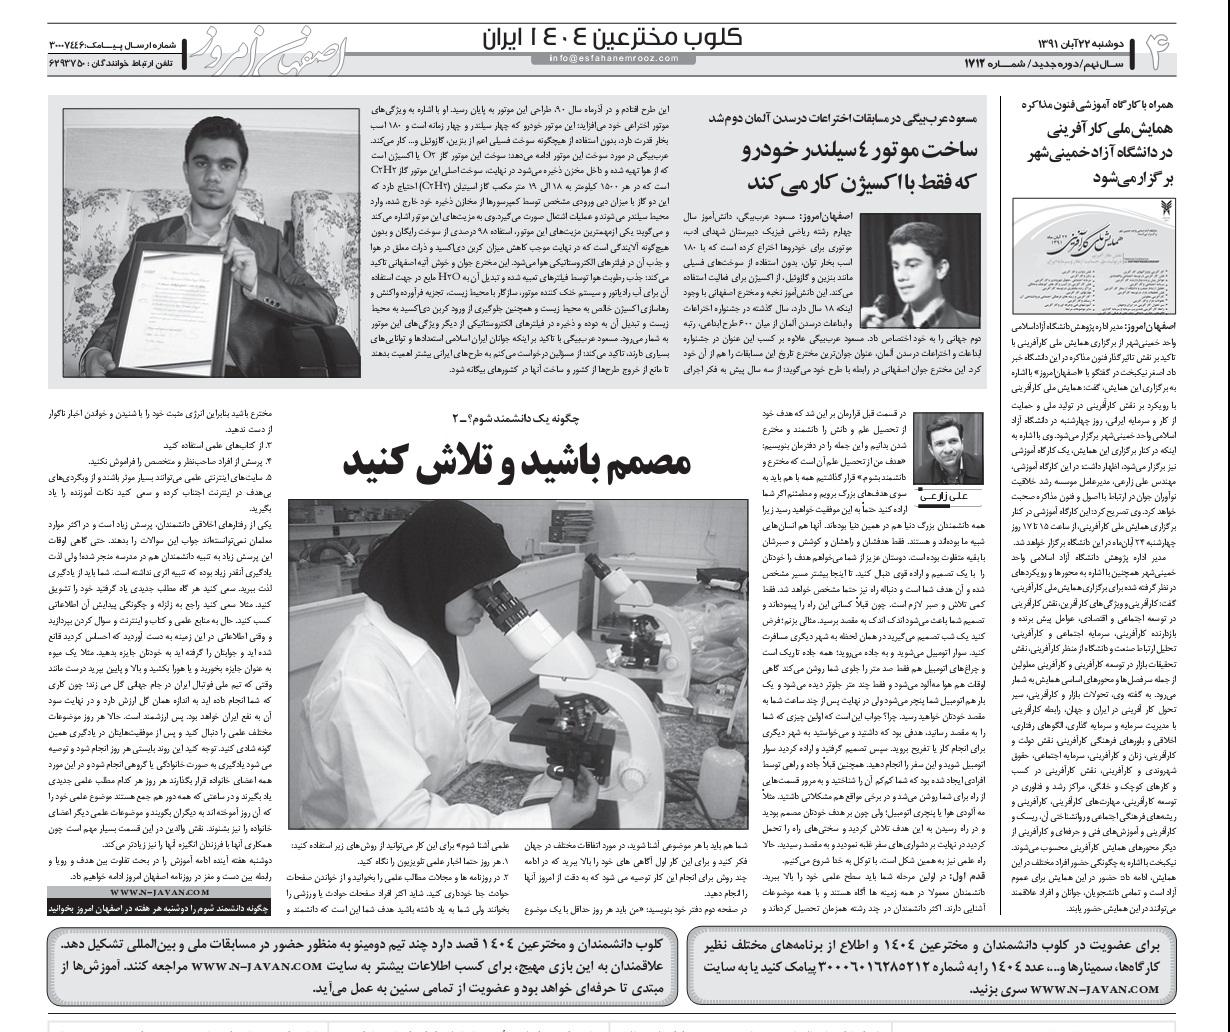 http://www.n-javan.com/esfahan-emrooz/esfahan-emrooz3.jpg